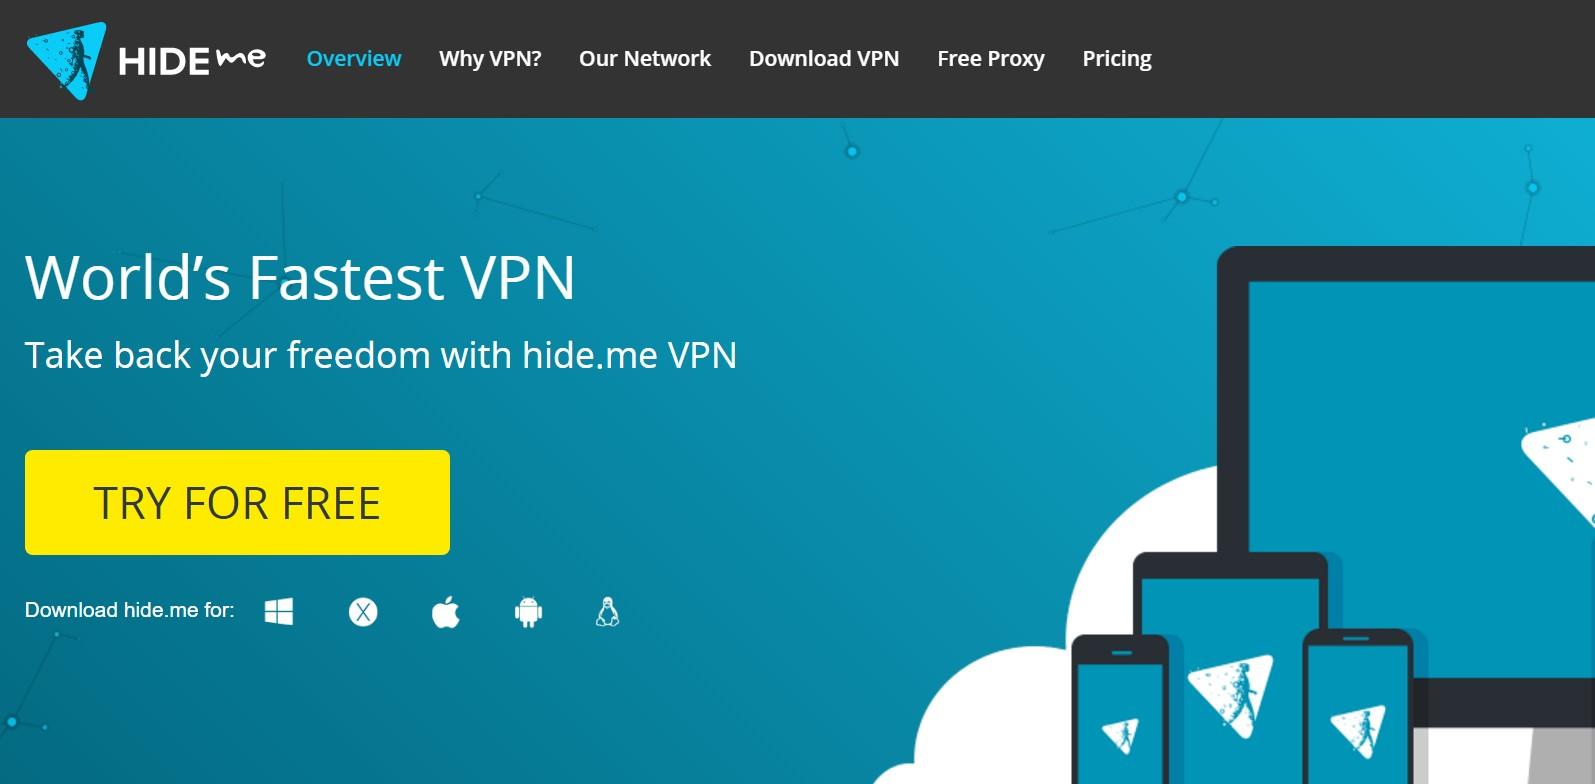 Hide.me home page - Best VPN no logs